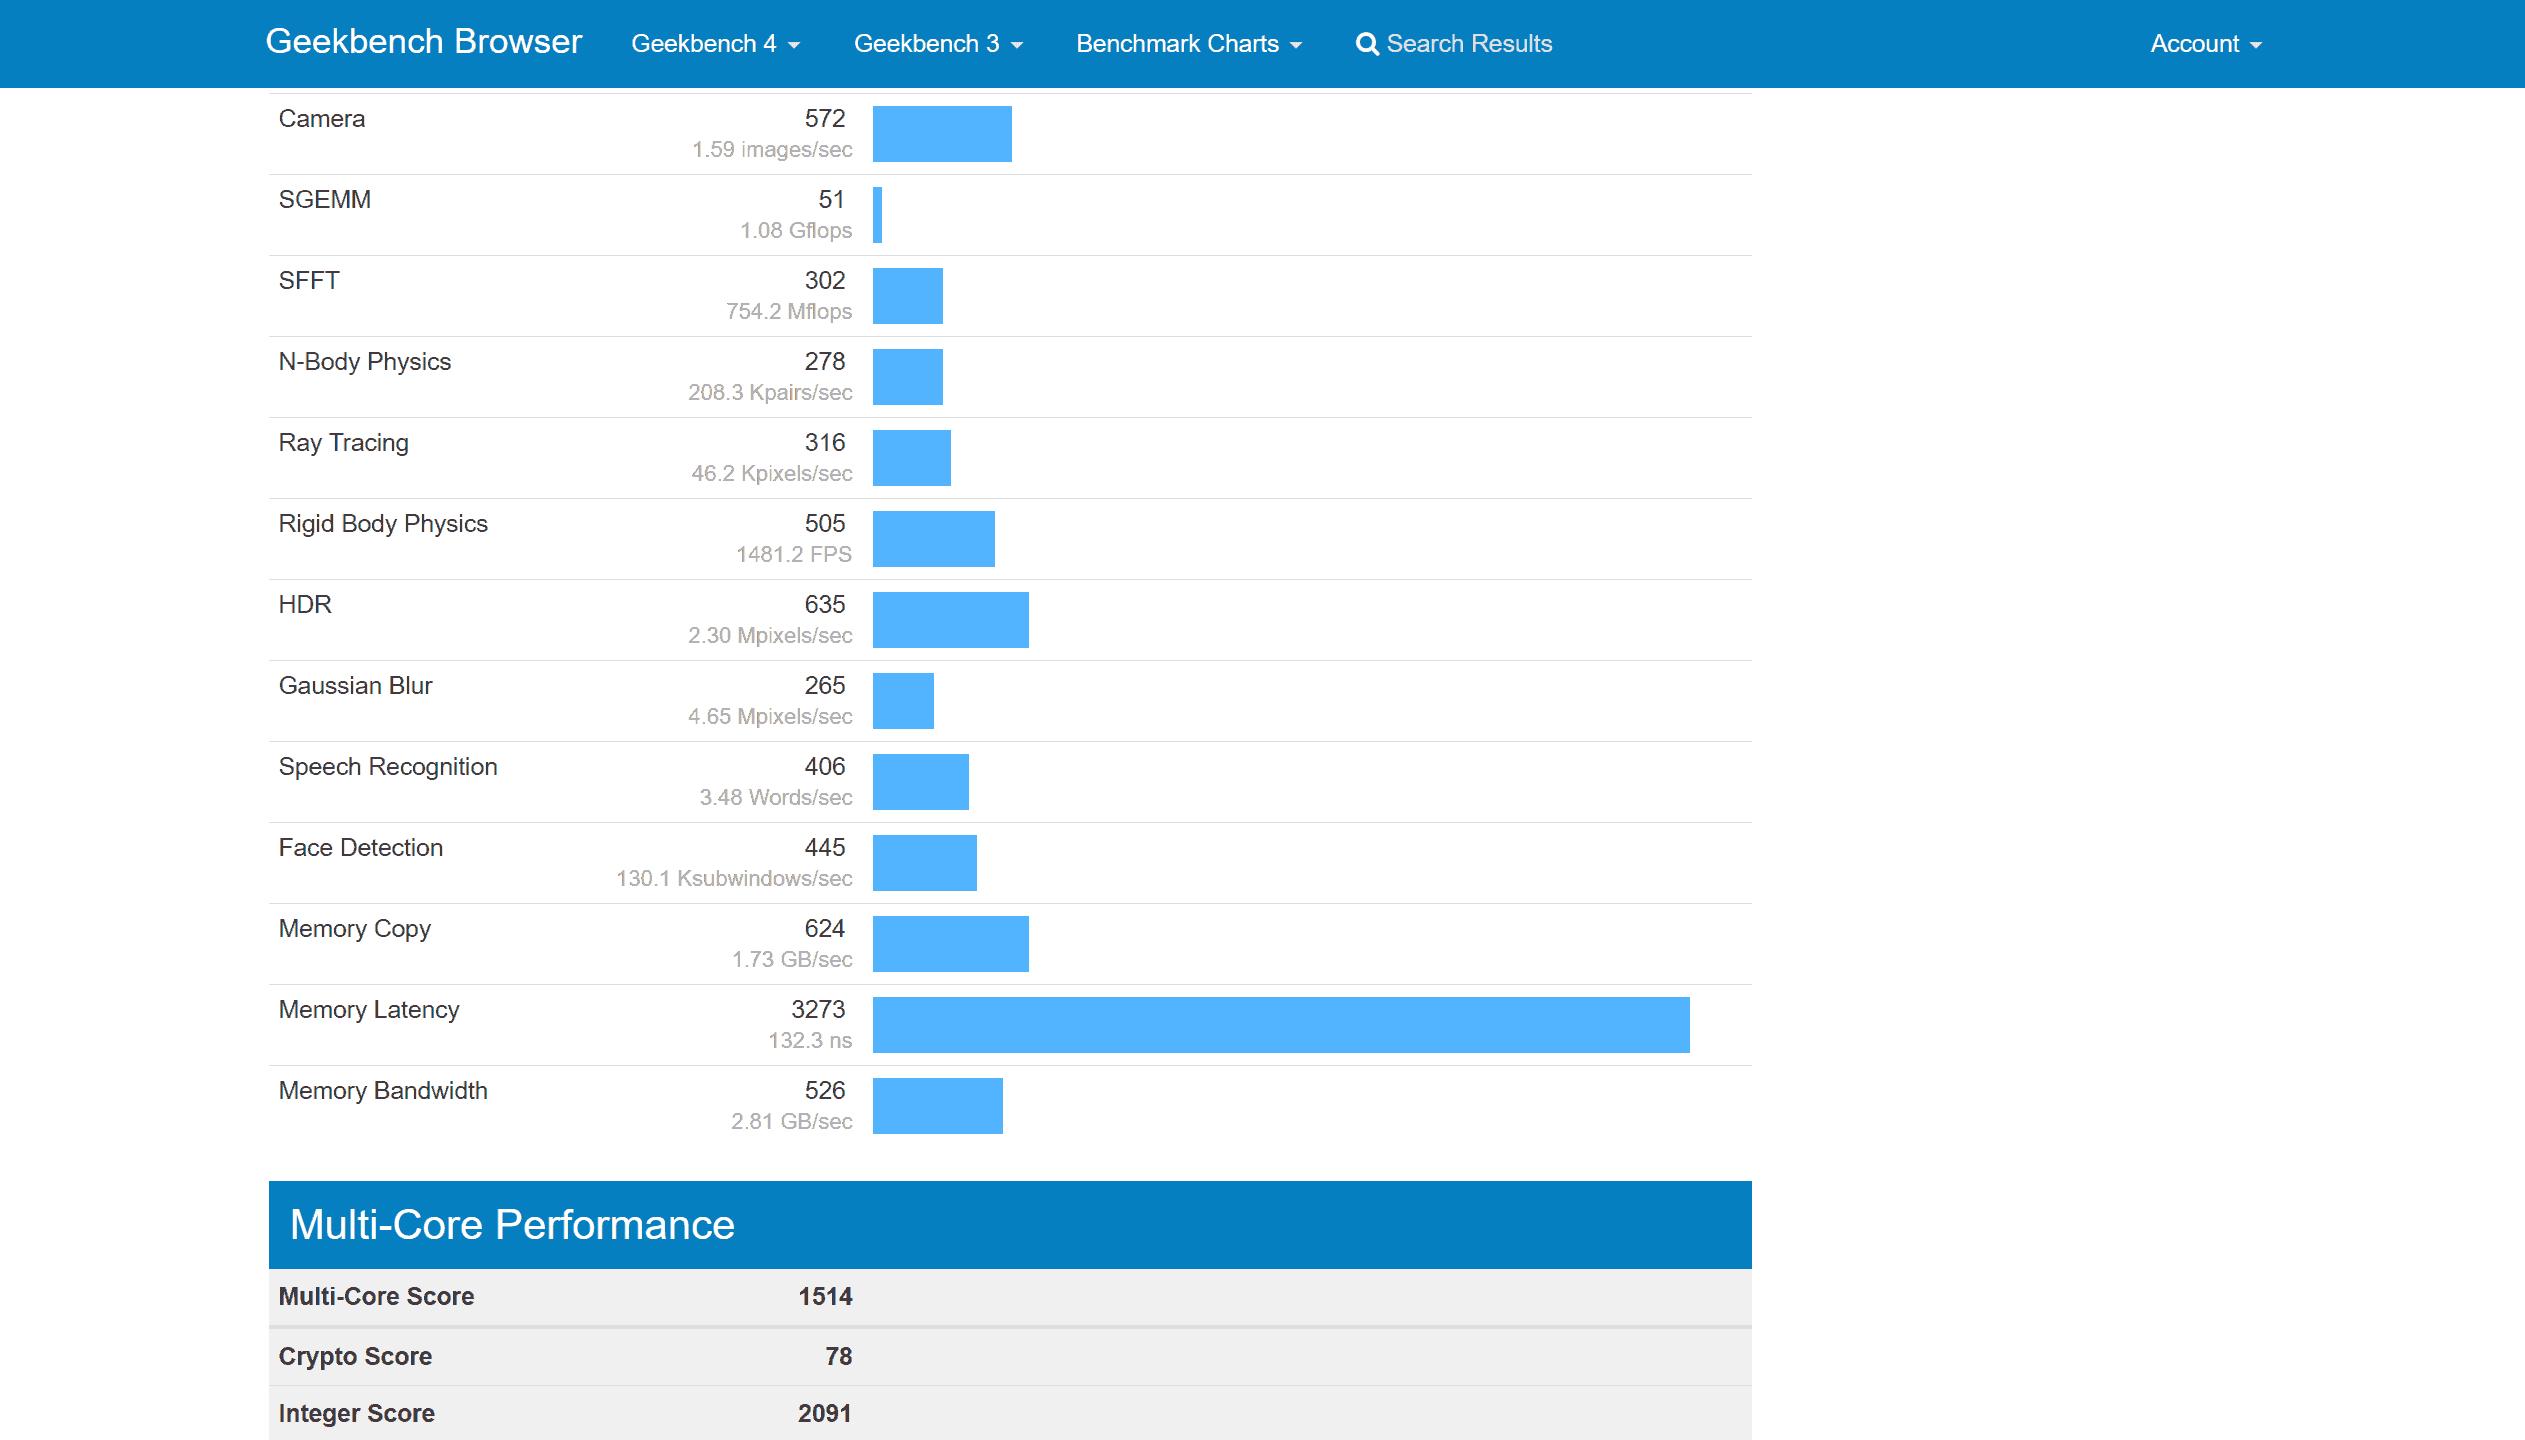 Moto E4 Geekbench 3